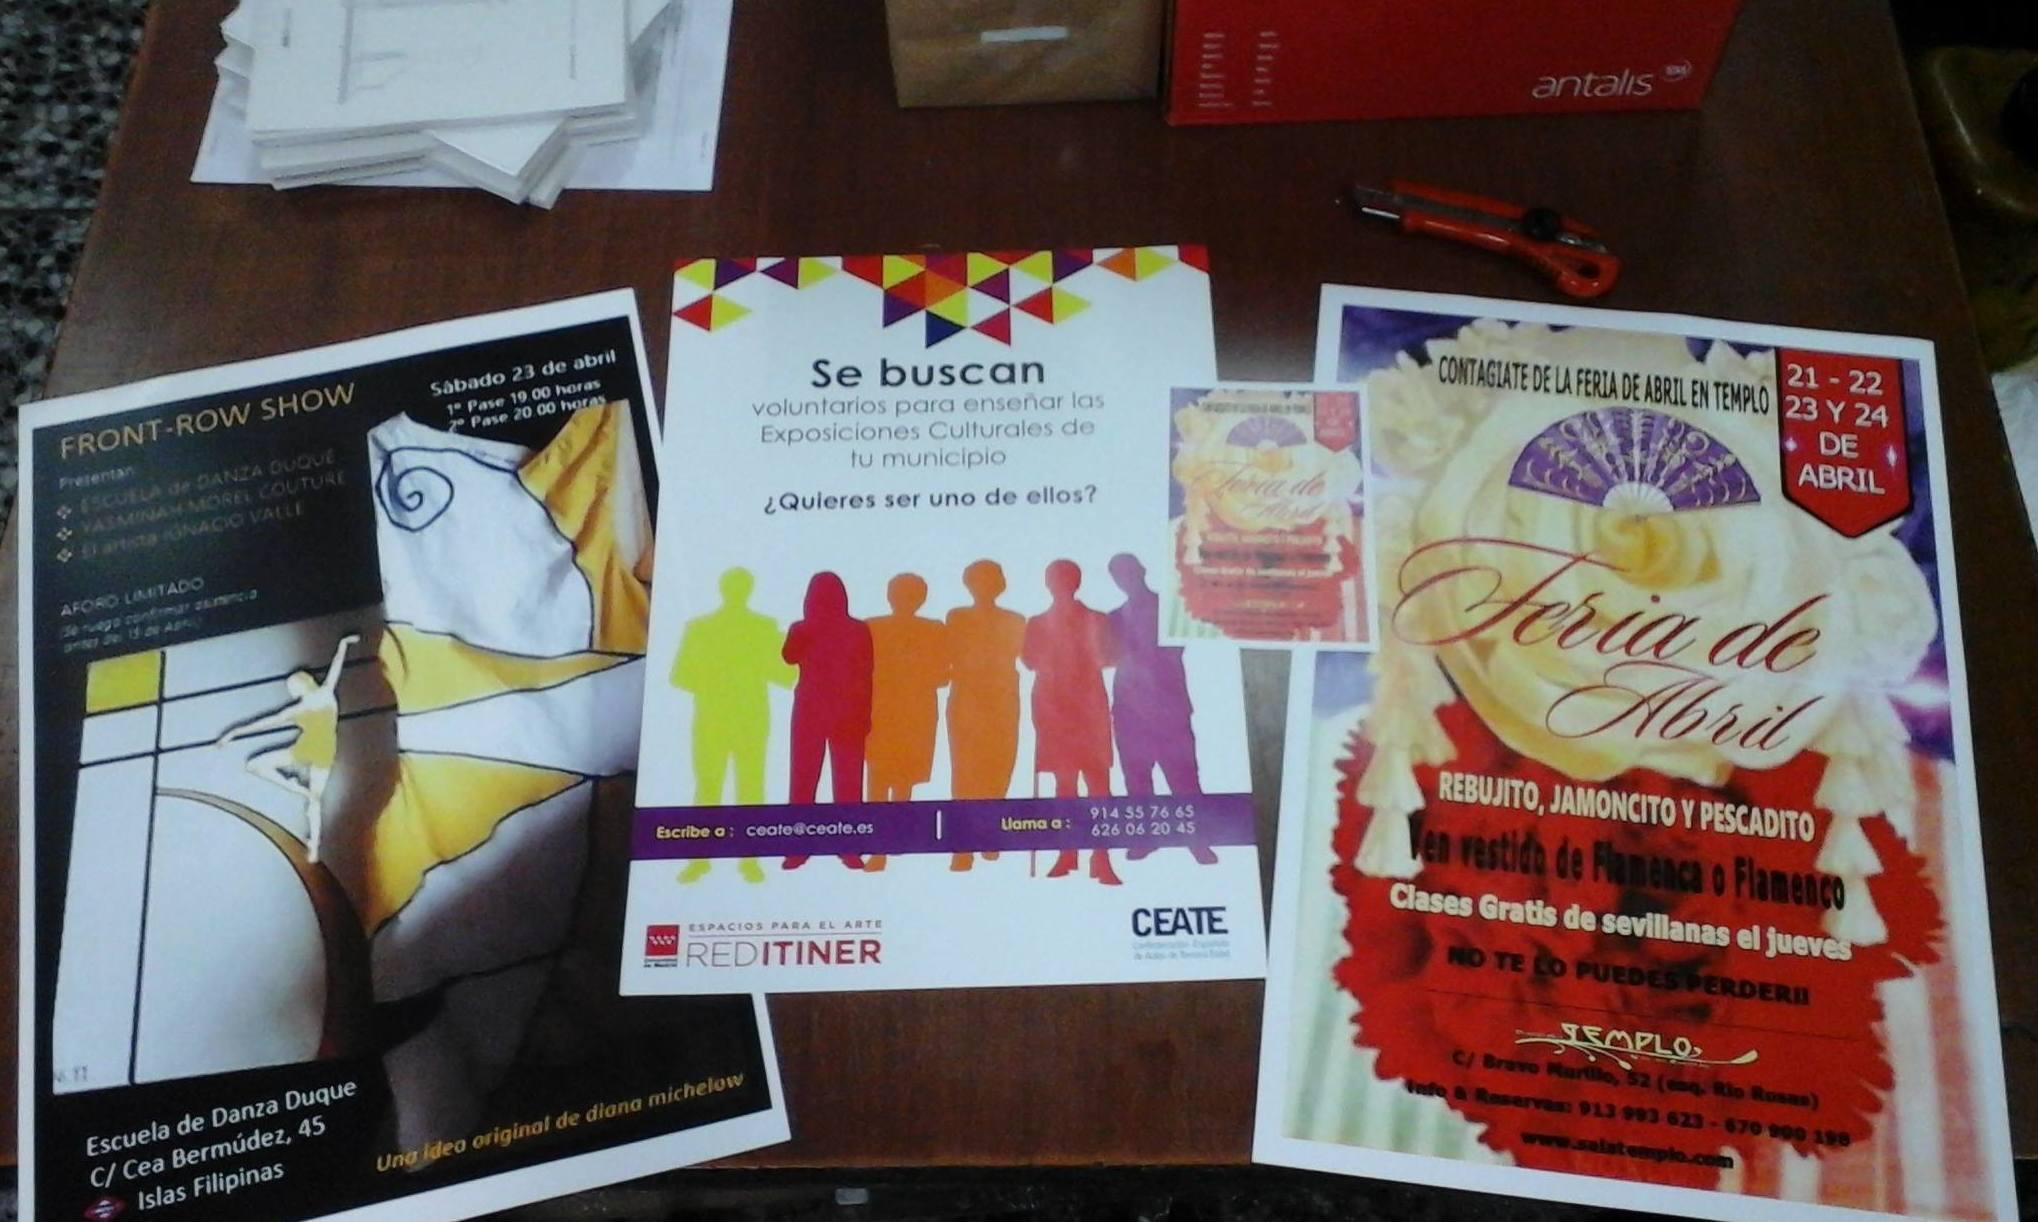 poster sy carteles para eventos en Moncloa